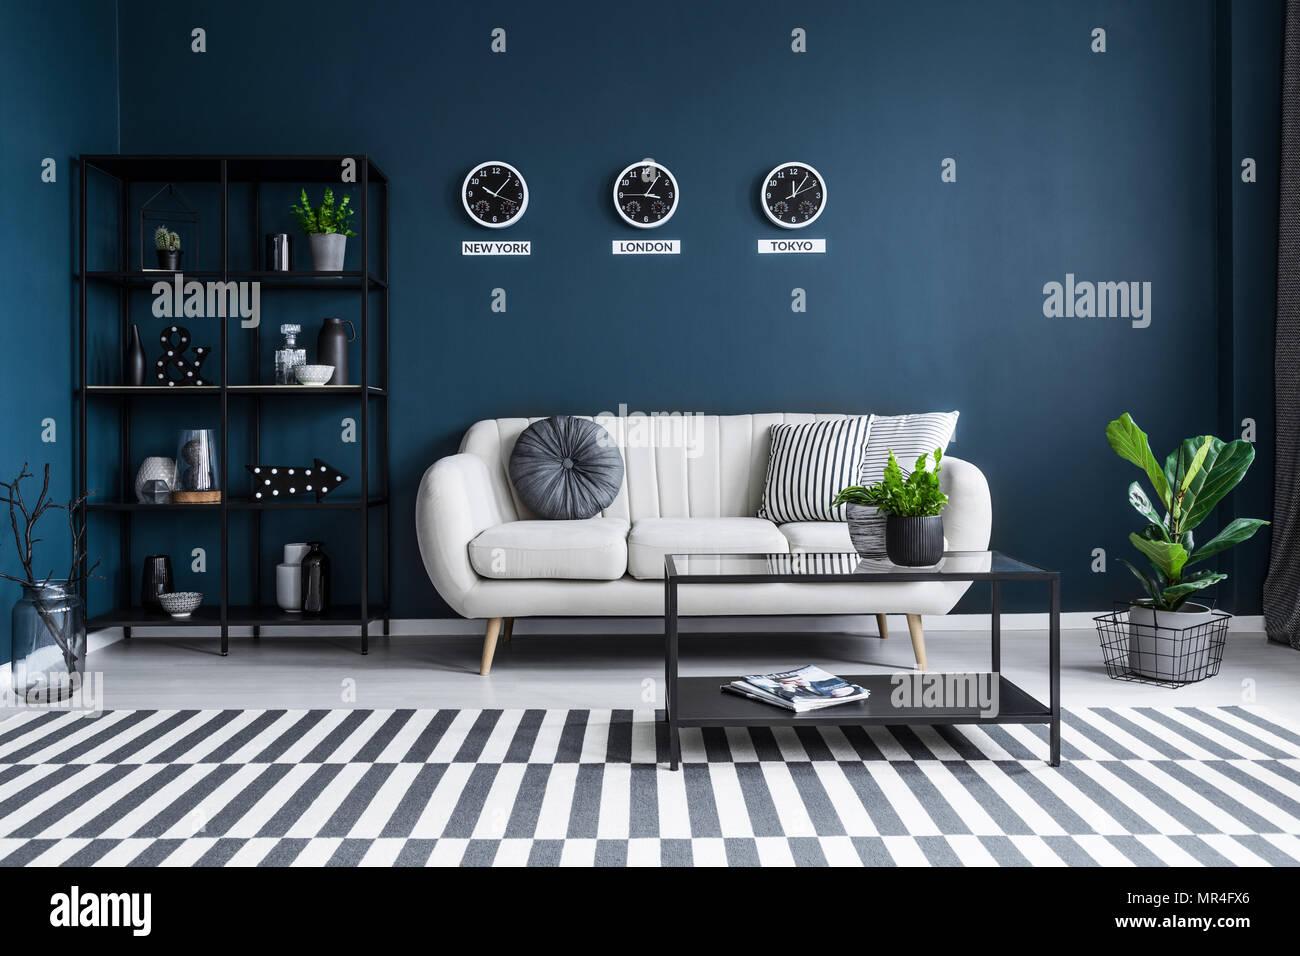 Gemusterten Teppich In Marine Blau Wohnzimmer Einrichtung Mit Schwarzen  Tisch Vor Beige Couch